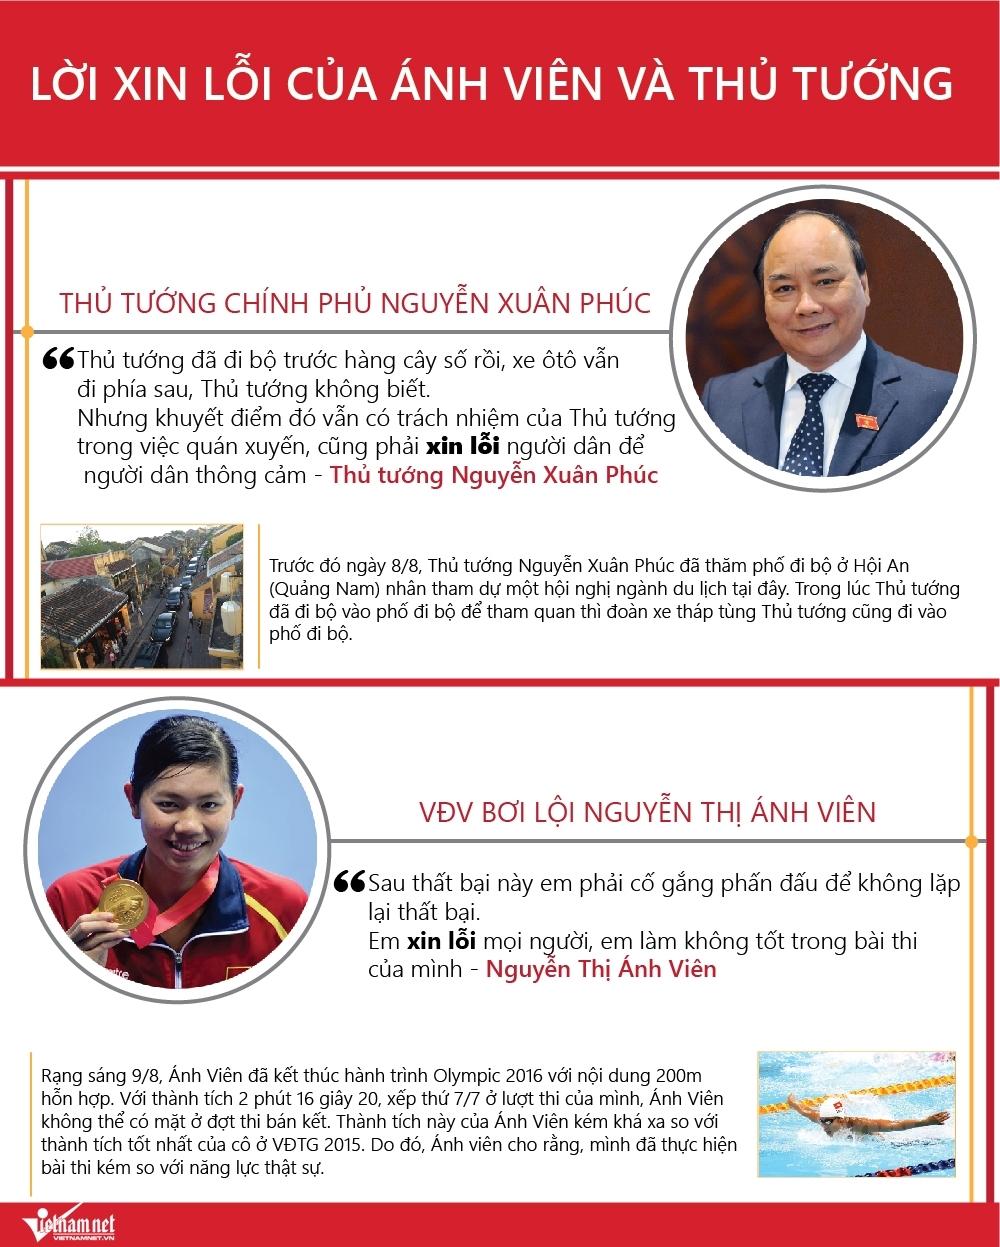 lời xin lỗi, kỹ năng sống, Ánh Viên, Thủ tướng Nguyễn Xuân Phúc